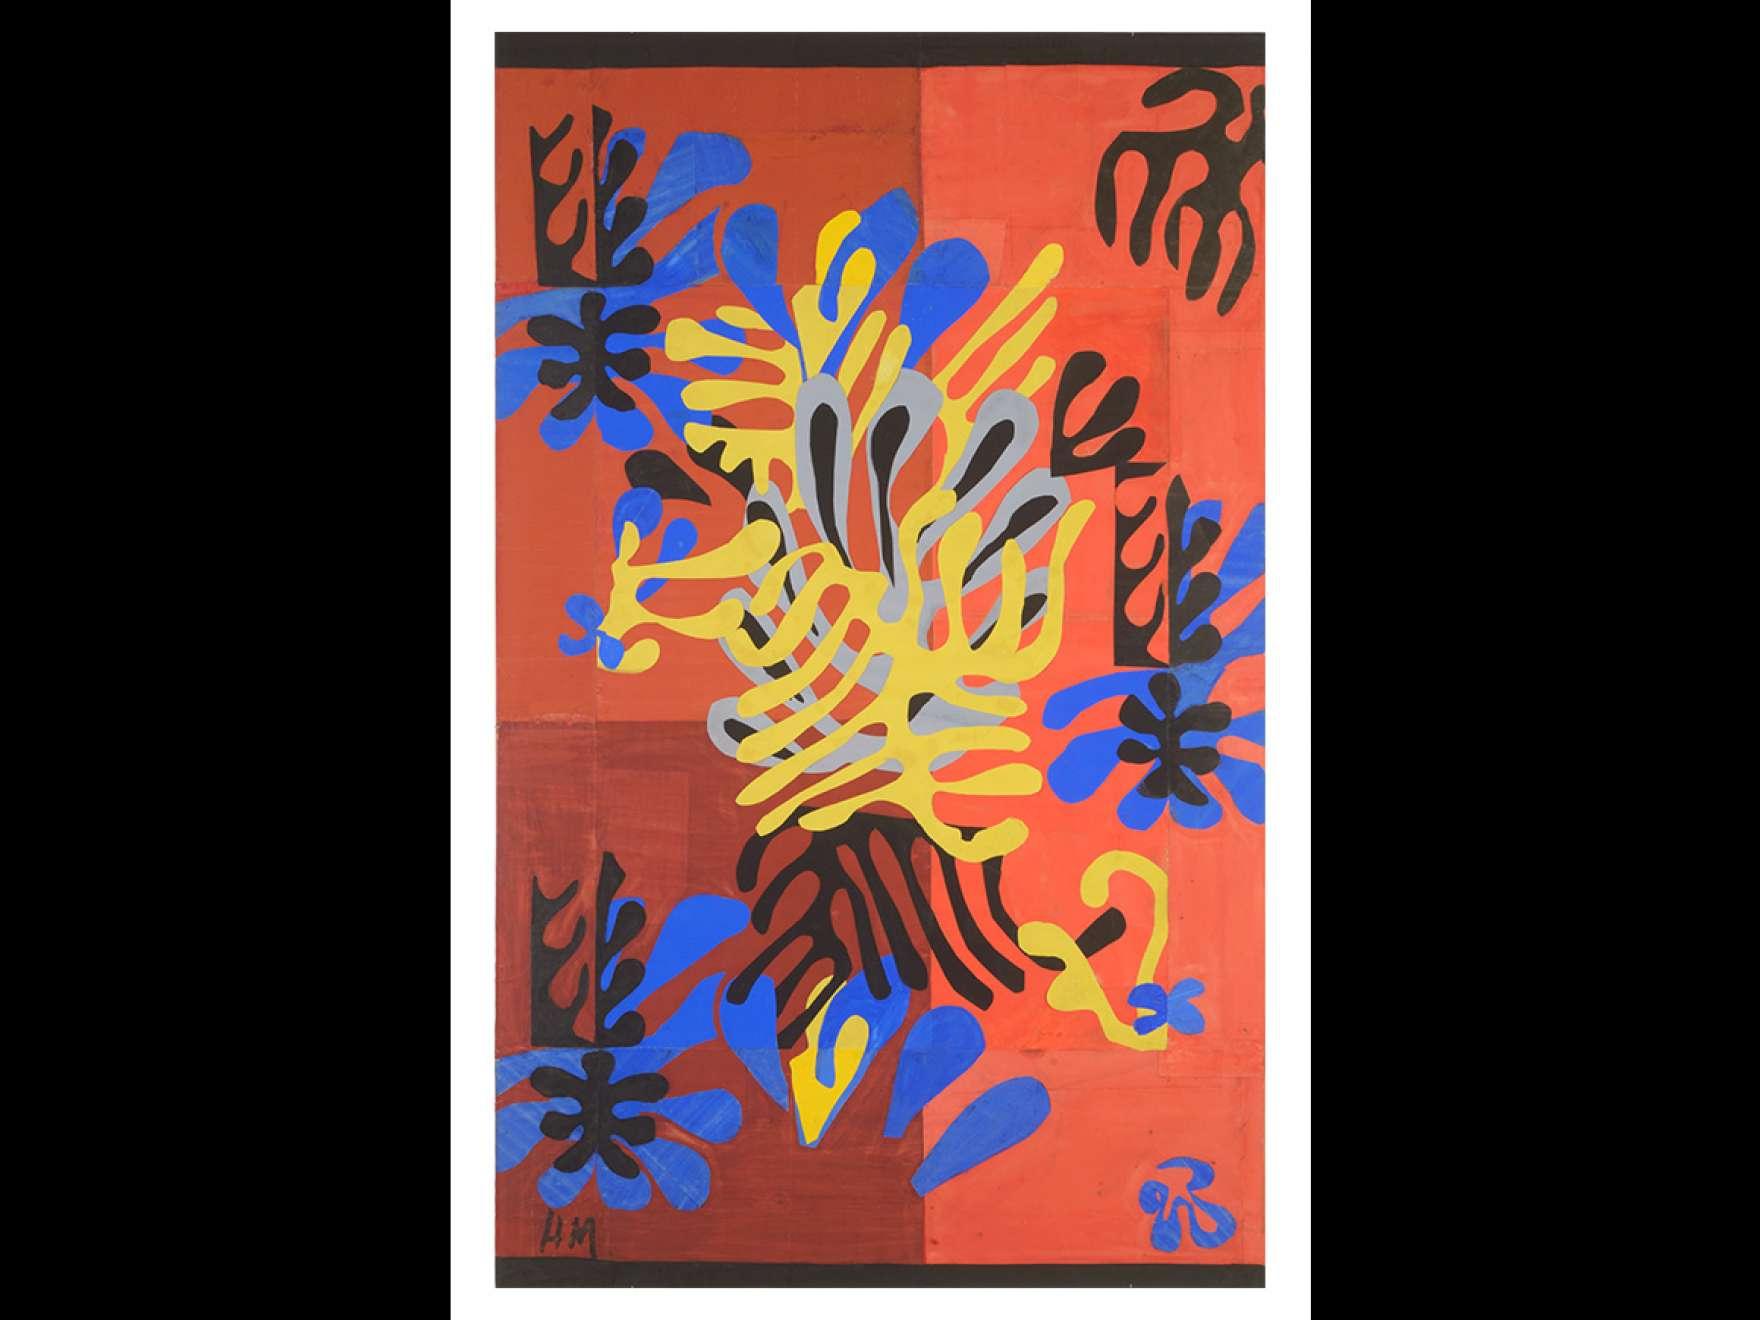 Henri Matisse's work, Mimosa